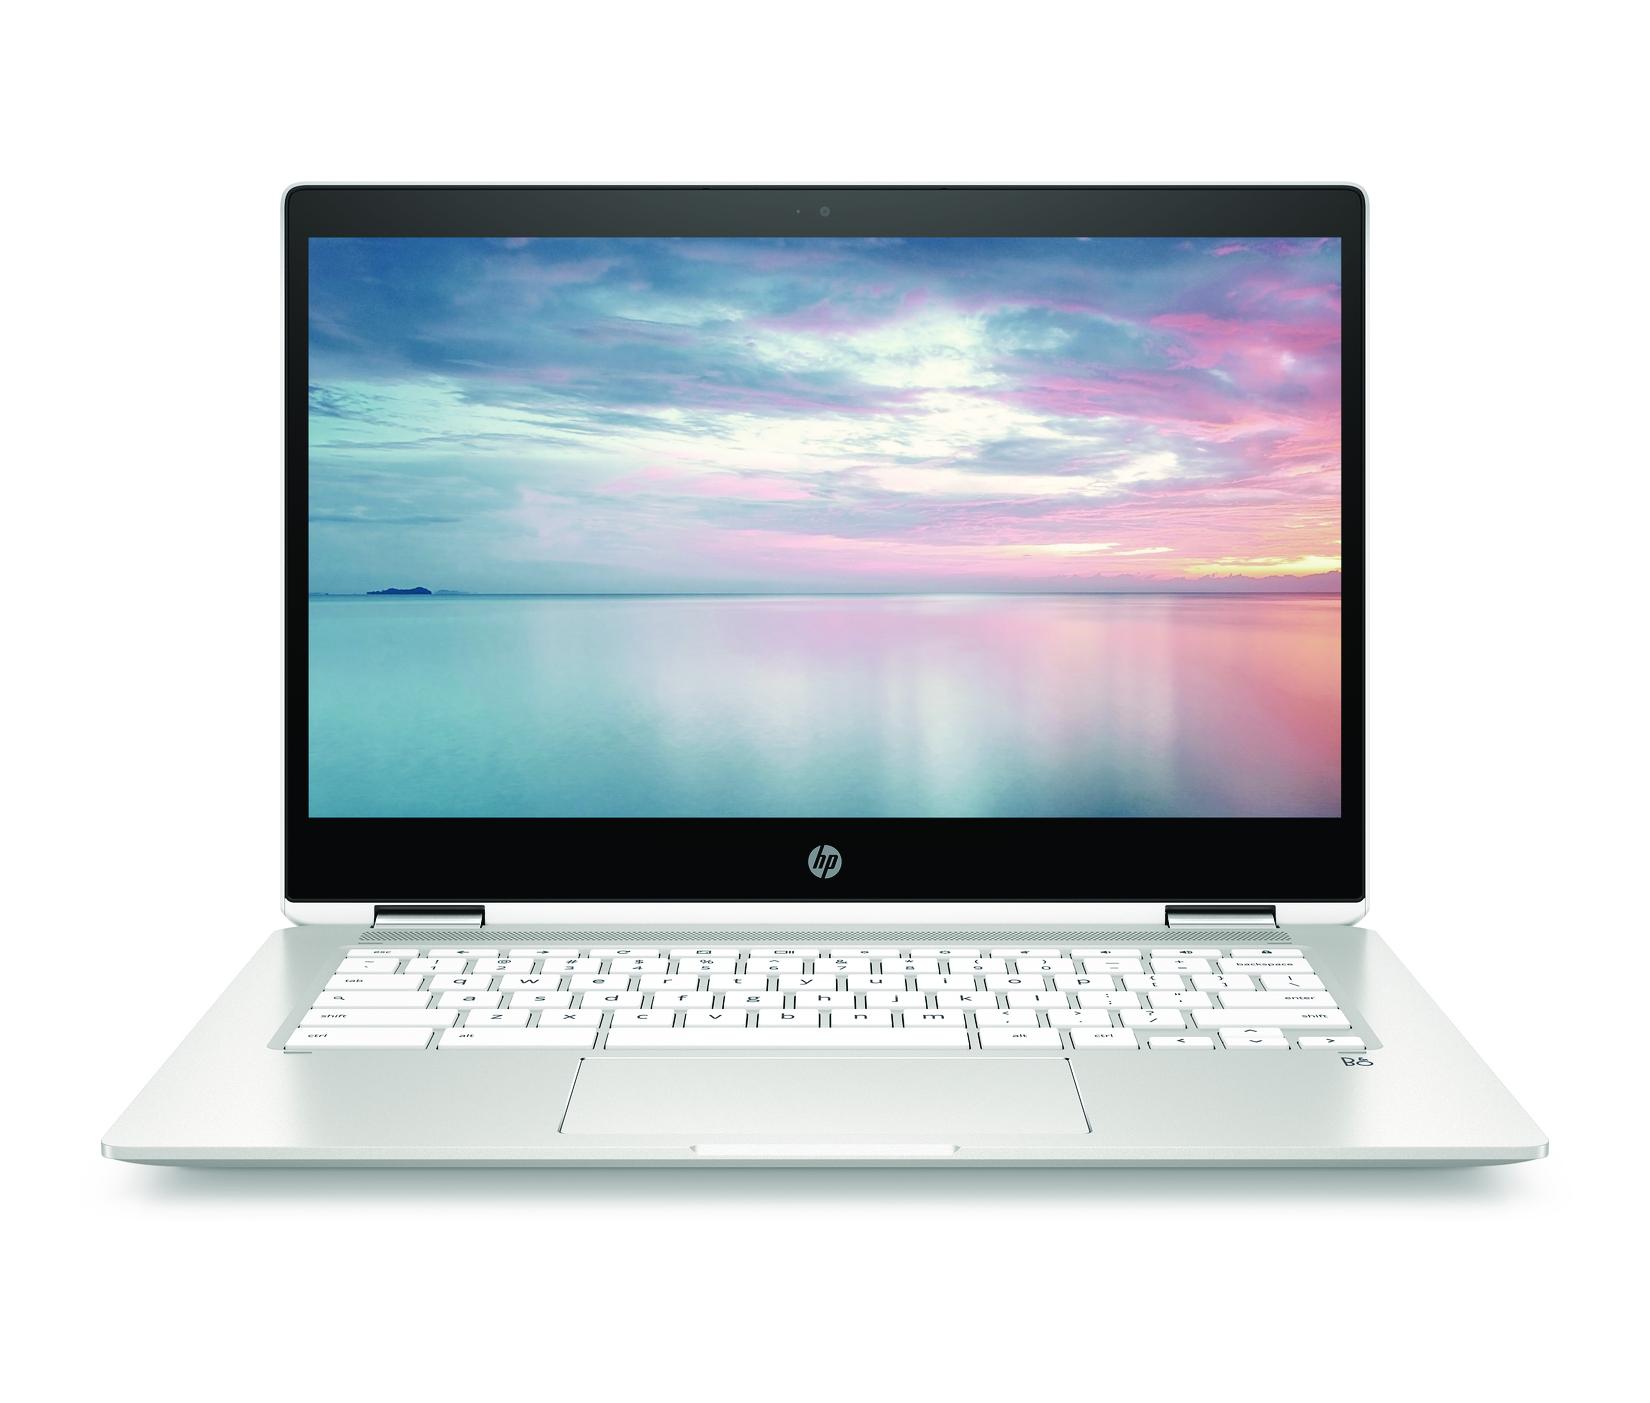 HP Chromebook x360 14b näyttö on kooltaa 14 tuumaa